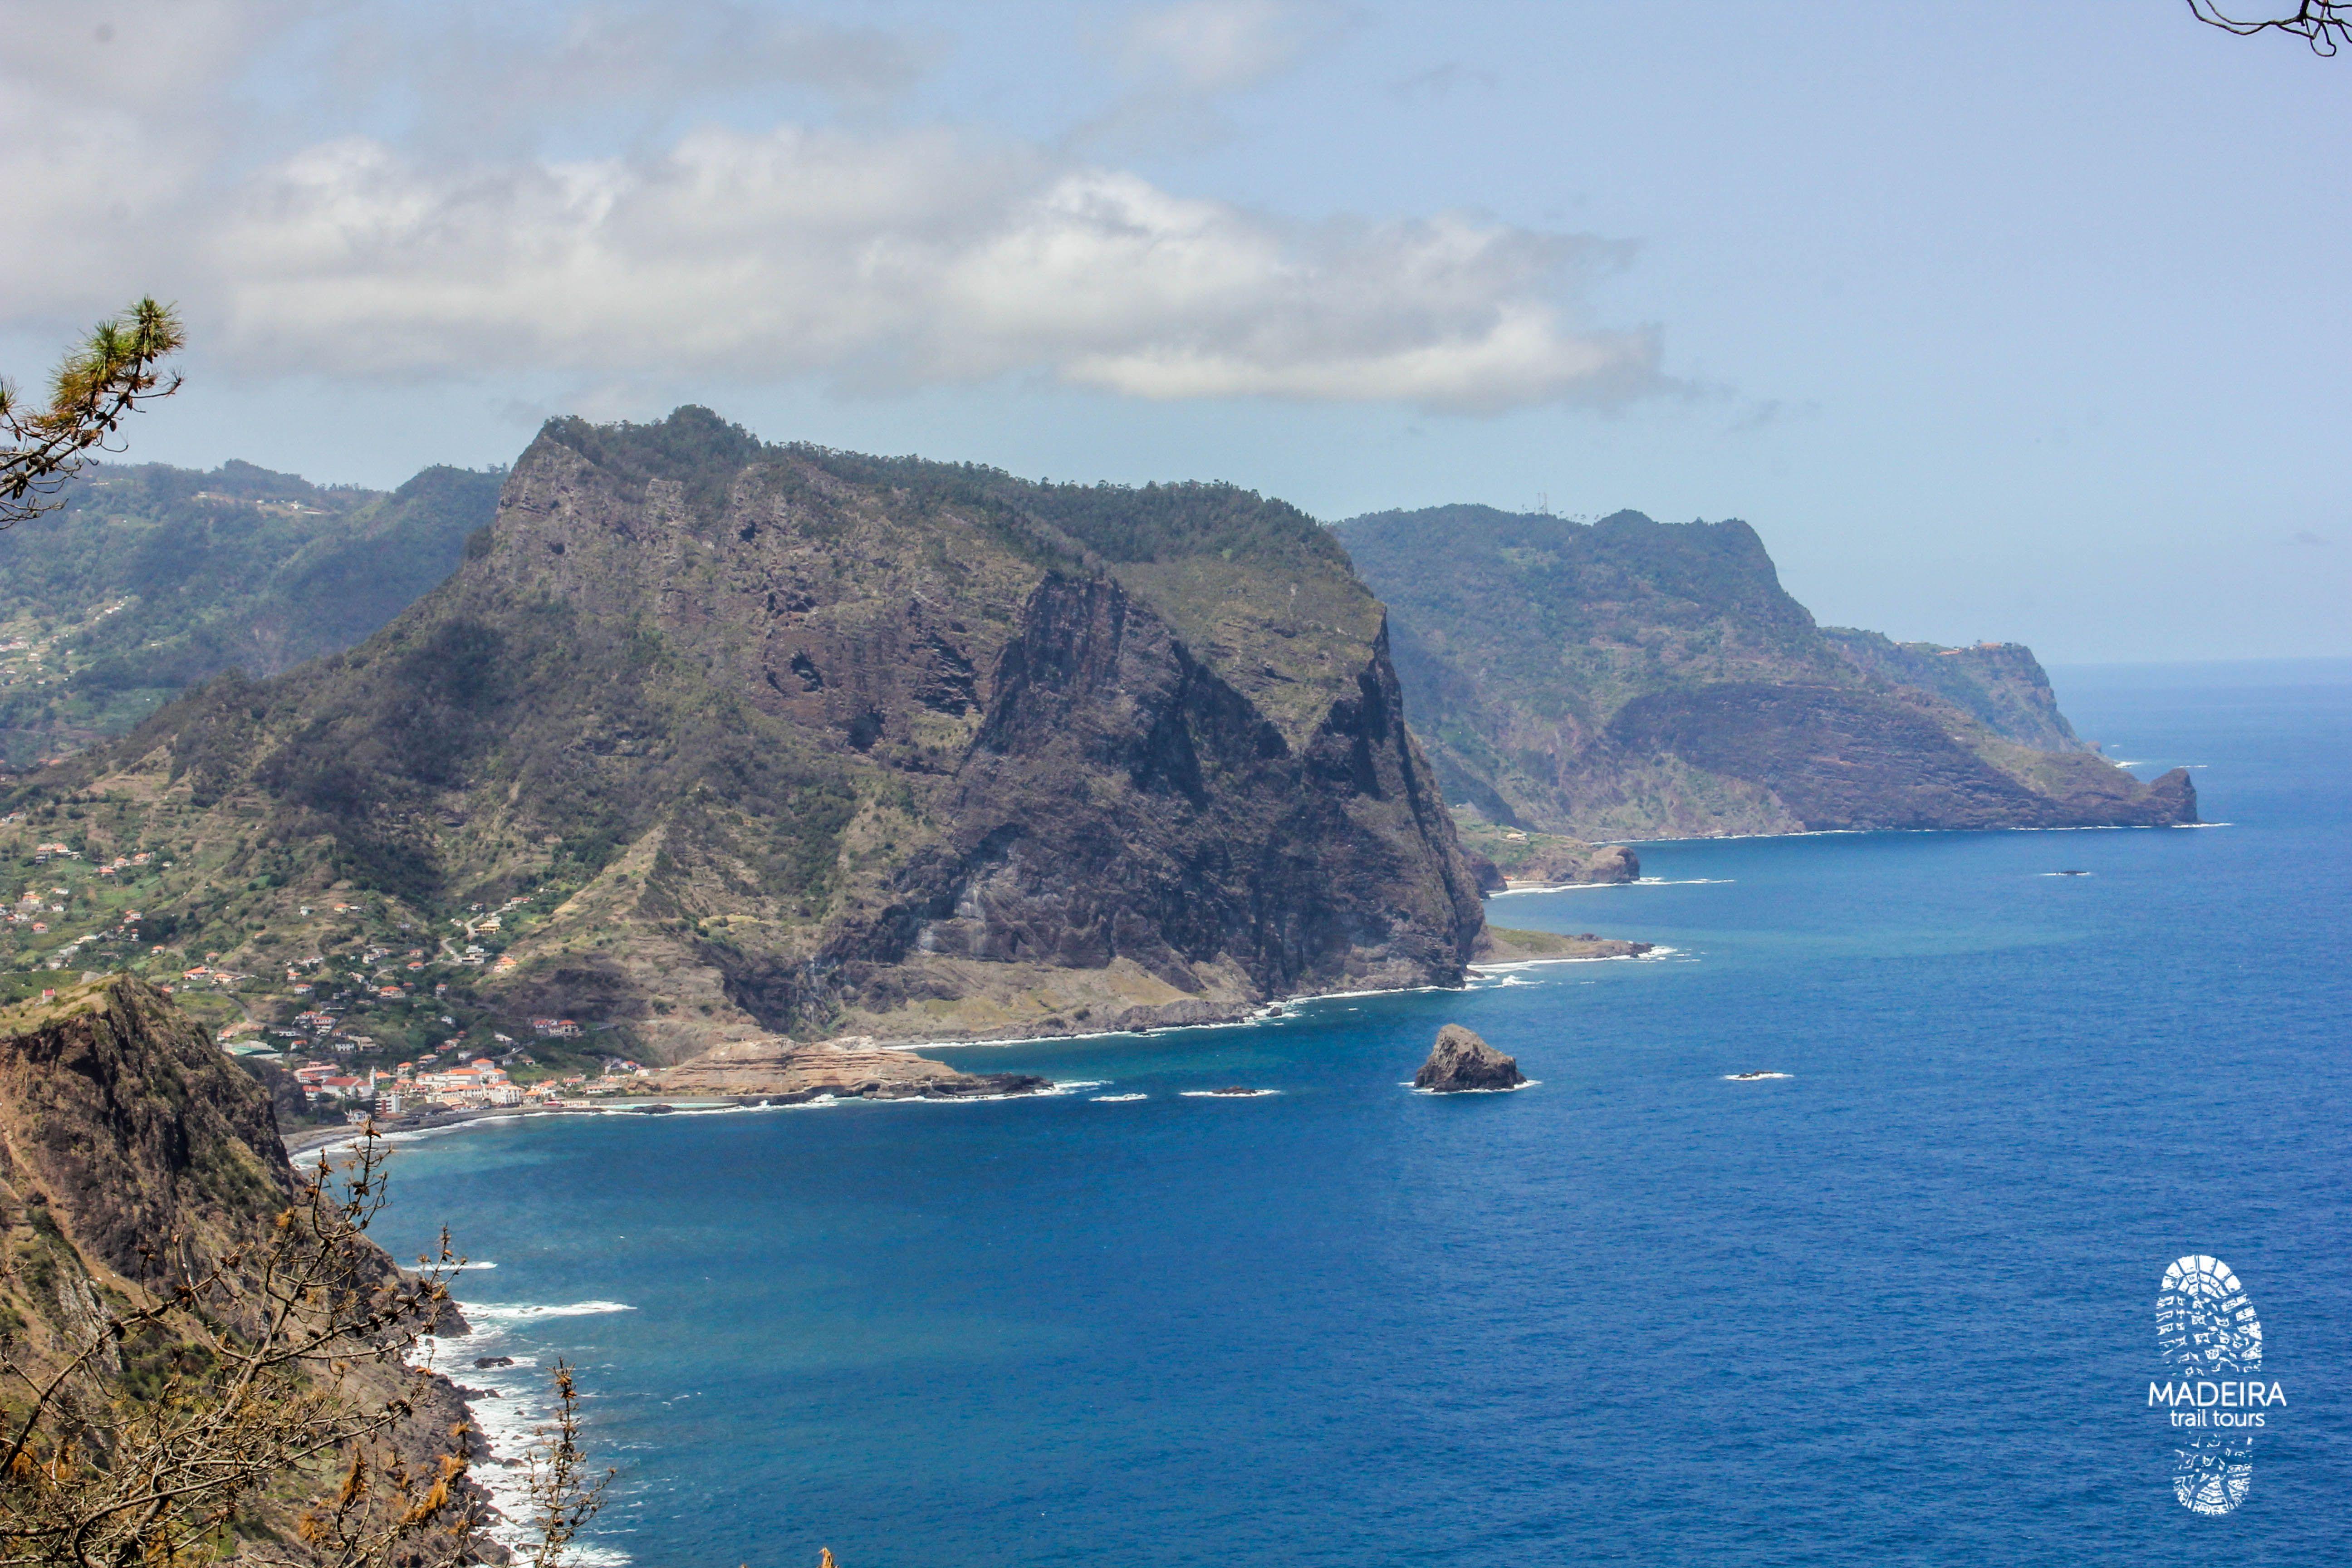 Porto da Cruz, Madeira Island madeiratrailtours.com